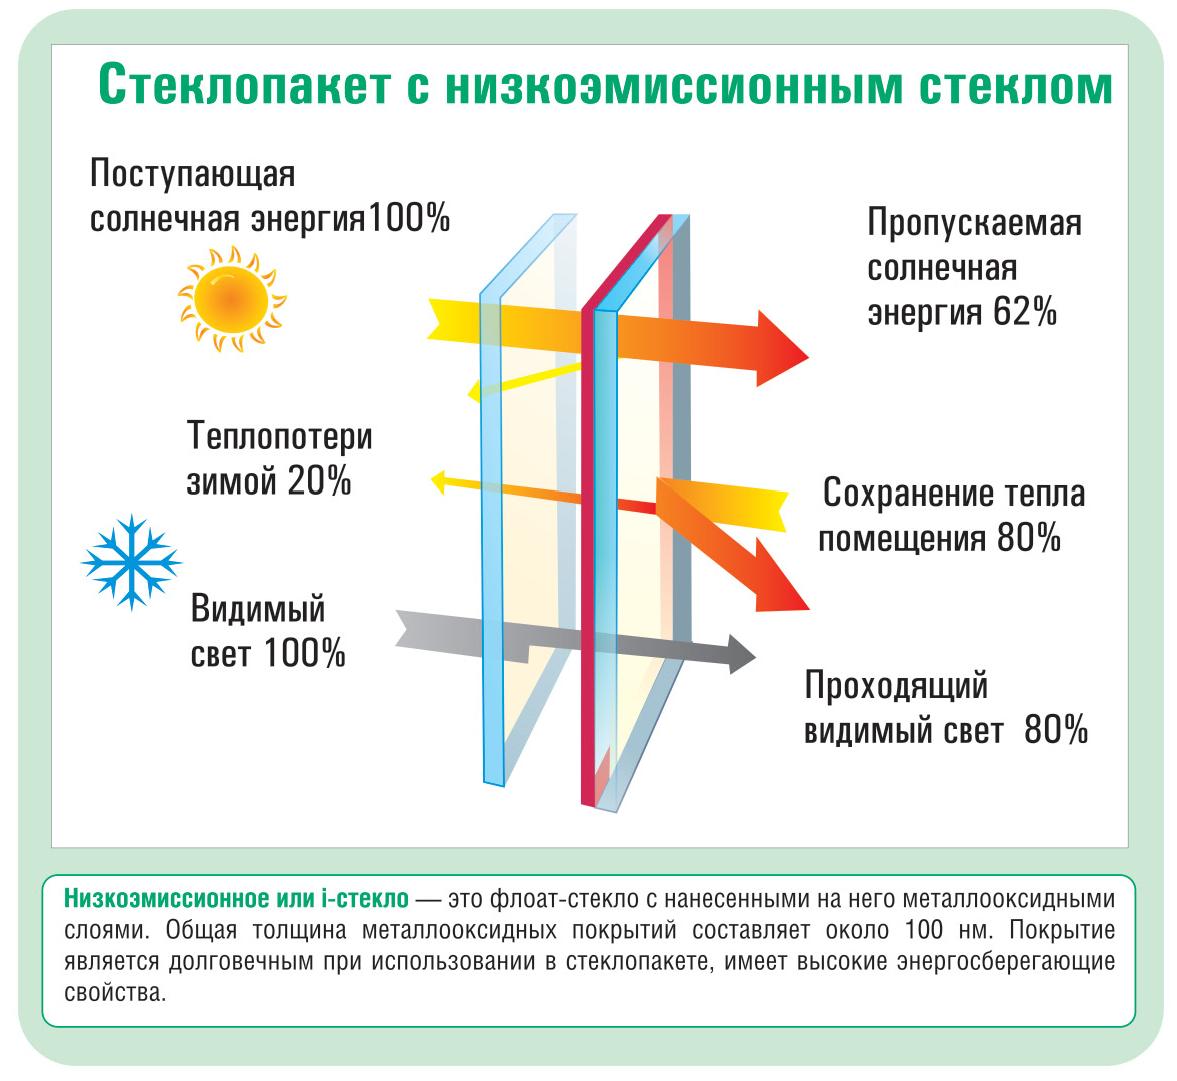 Принцип действия энергосберегающих стеклопакетов